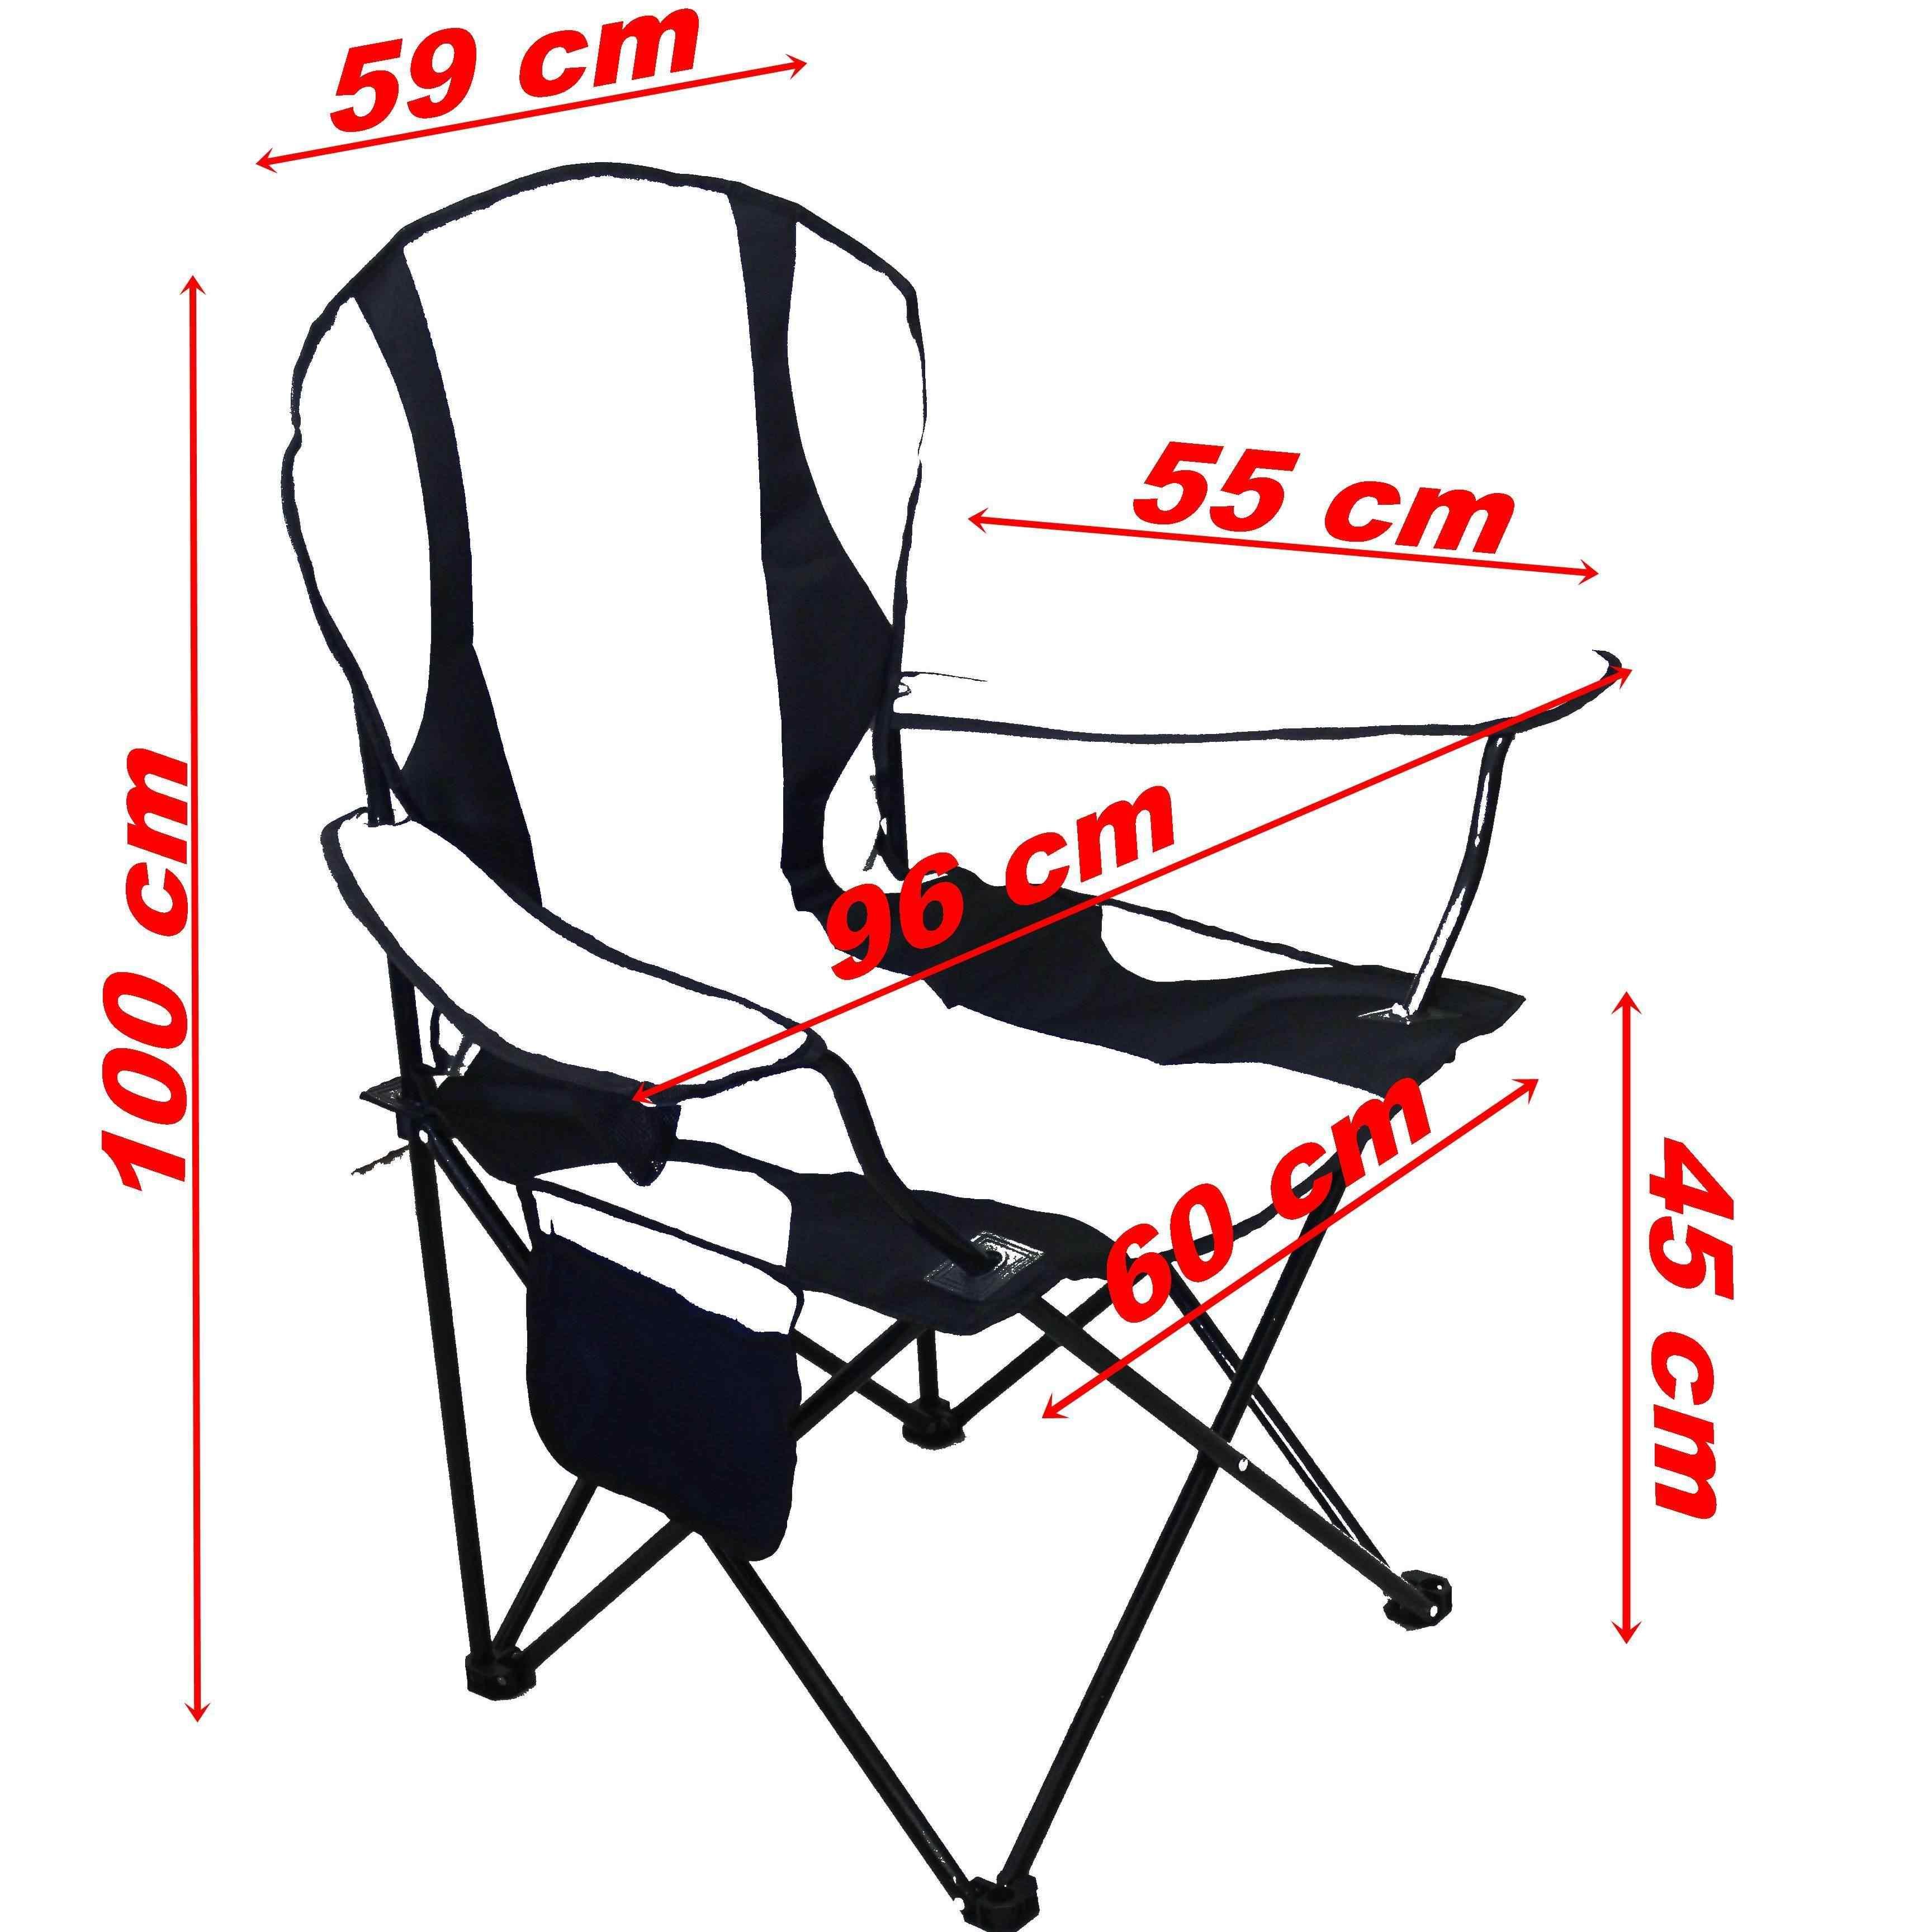 Megatex Kamp Seti Büyük Kamp Sandalyesi + Bez Masa 2+1 Yeşil